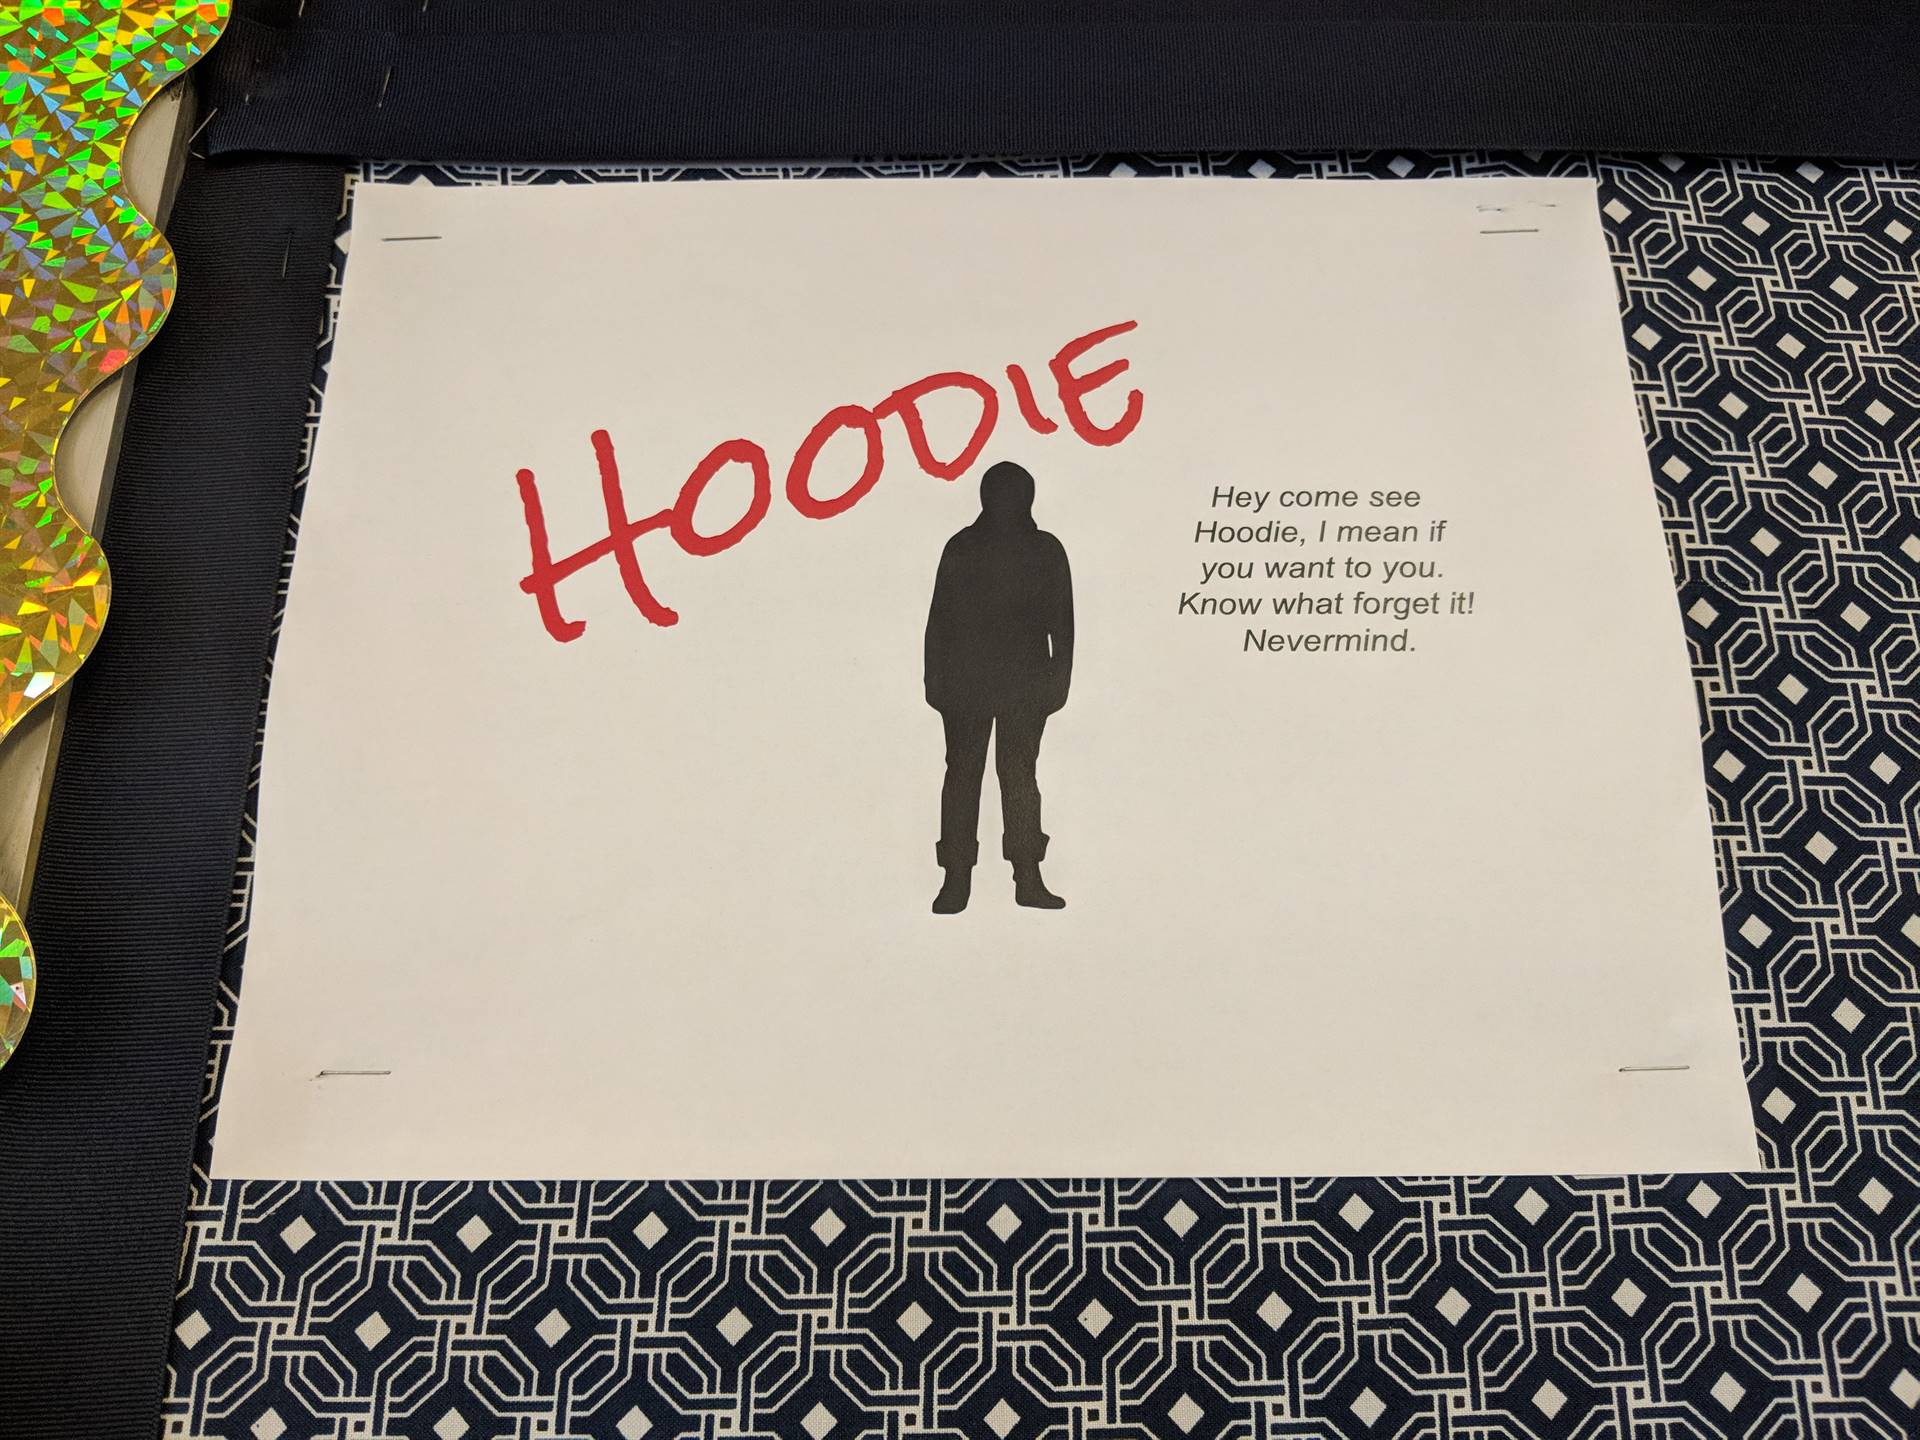 Hoodie Play 2018